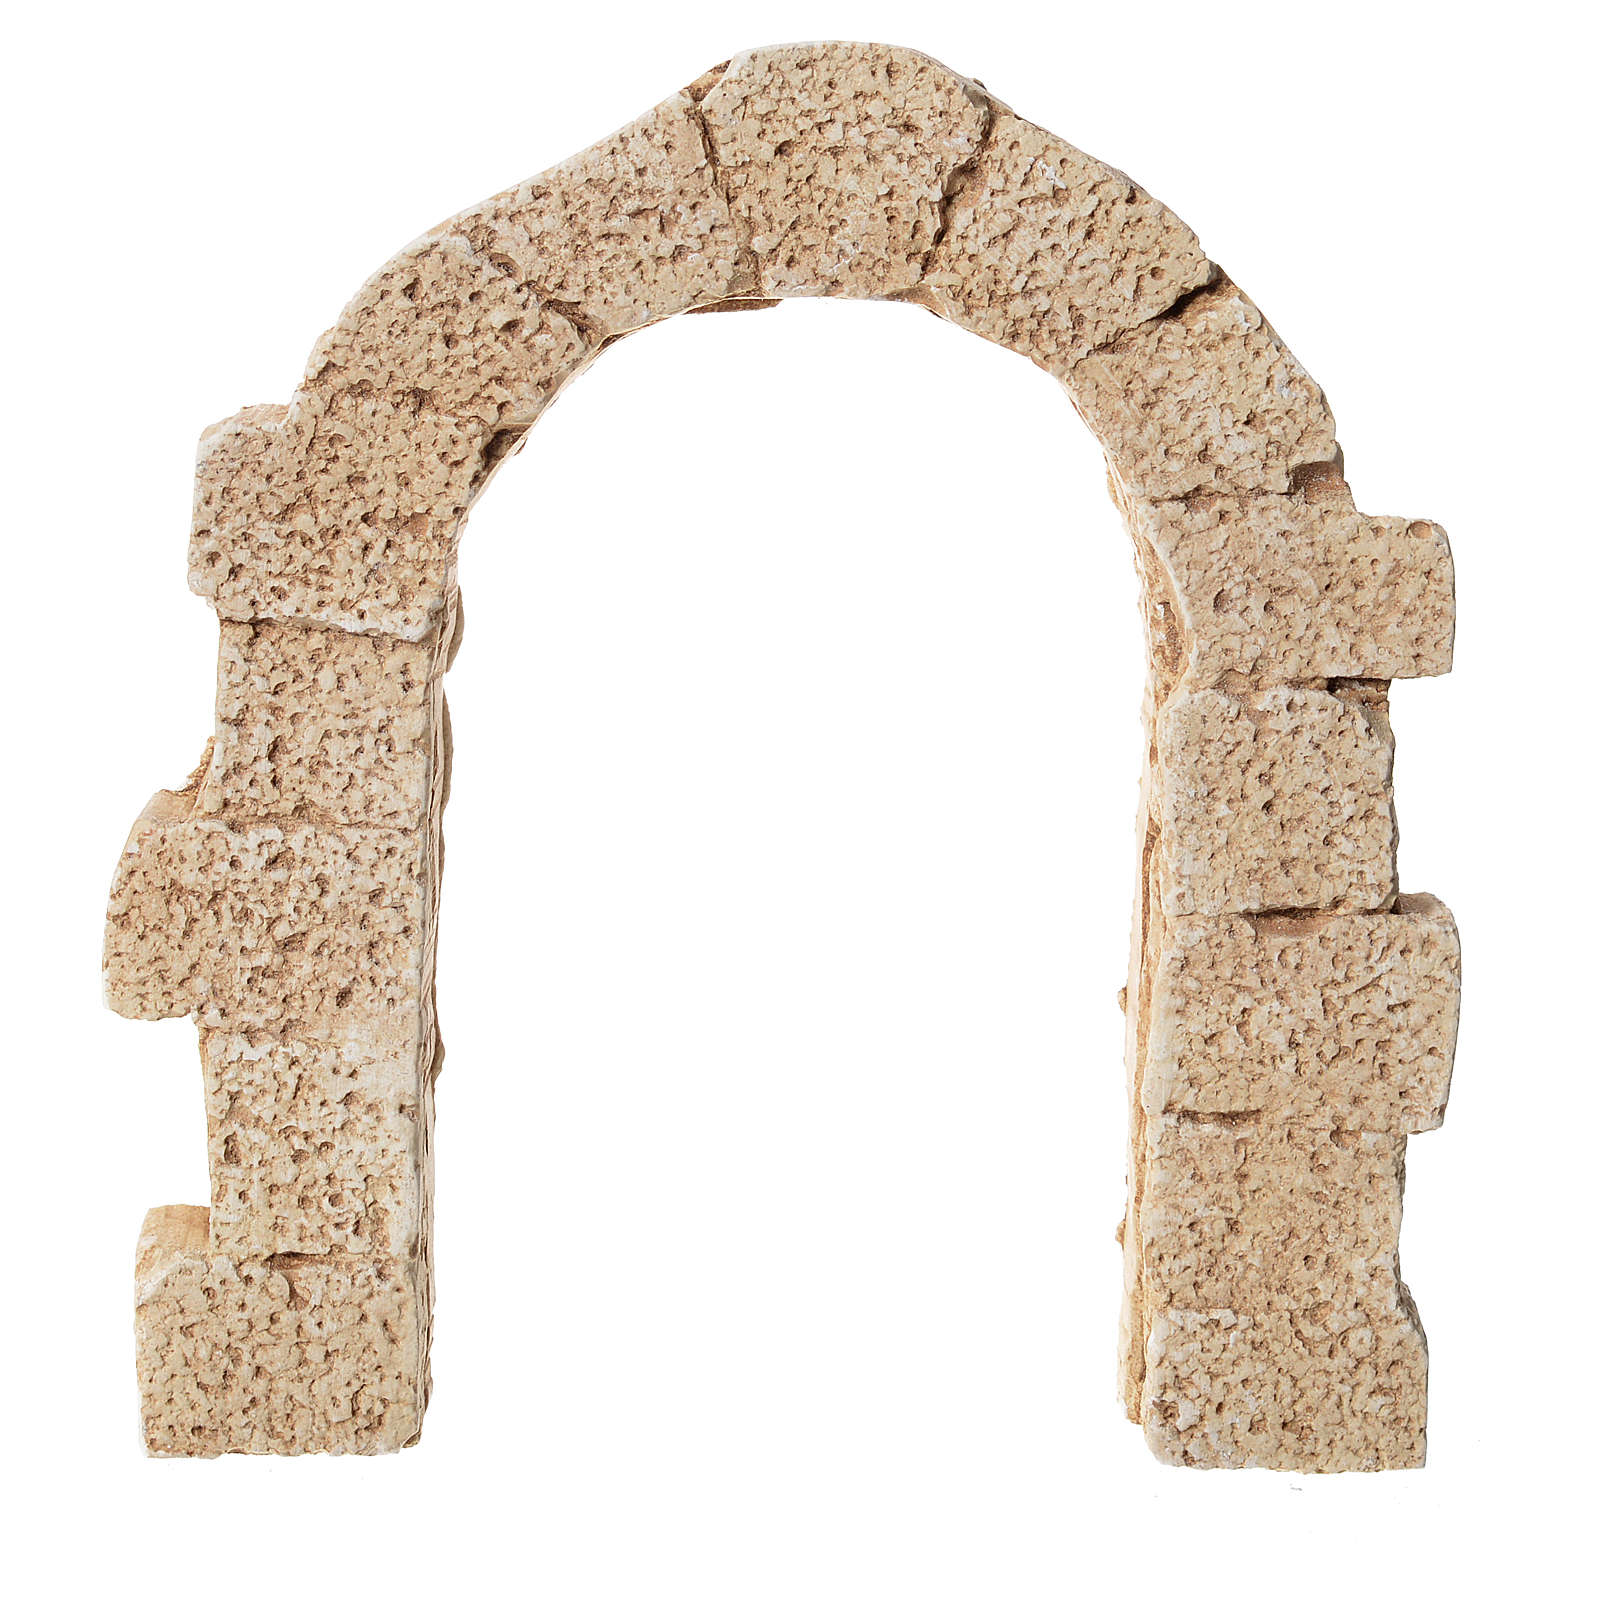 Arch door in plaster for nativities, 11x10cm 4